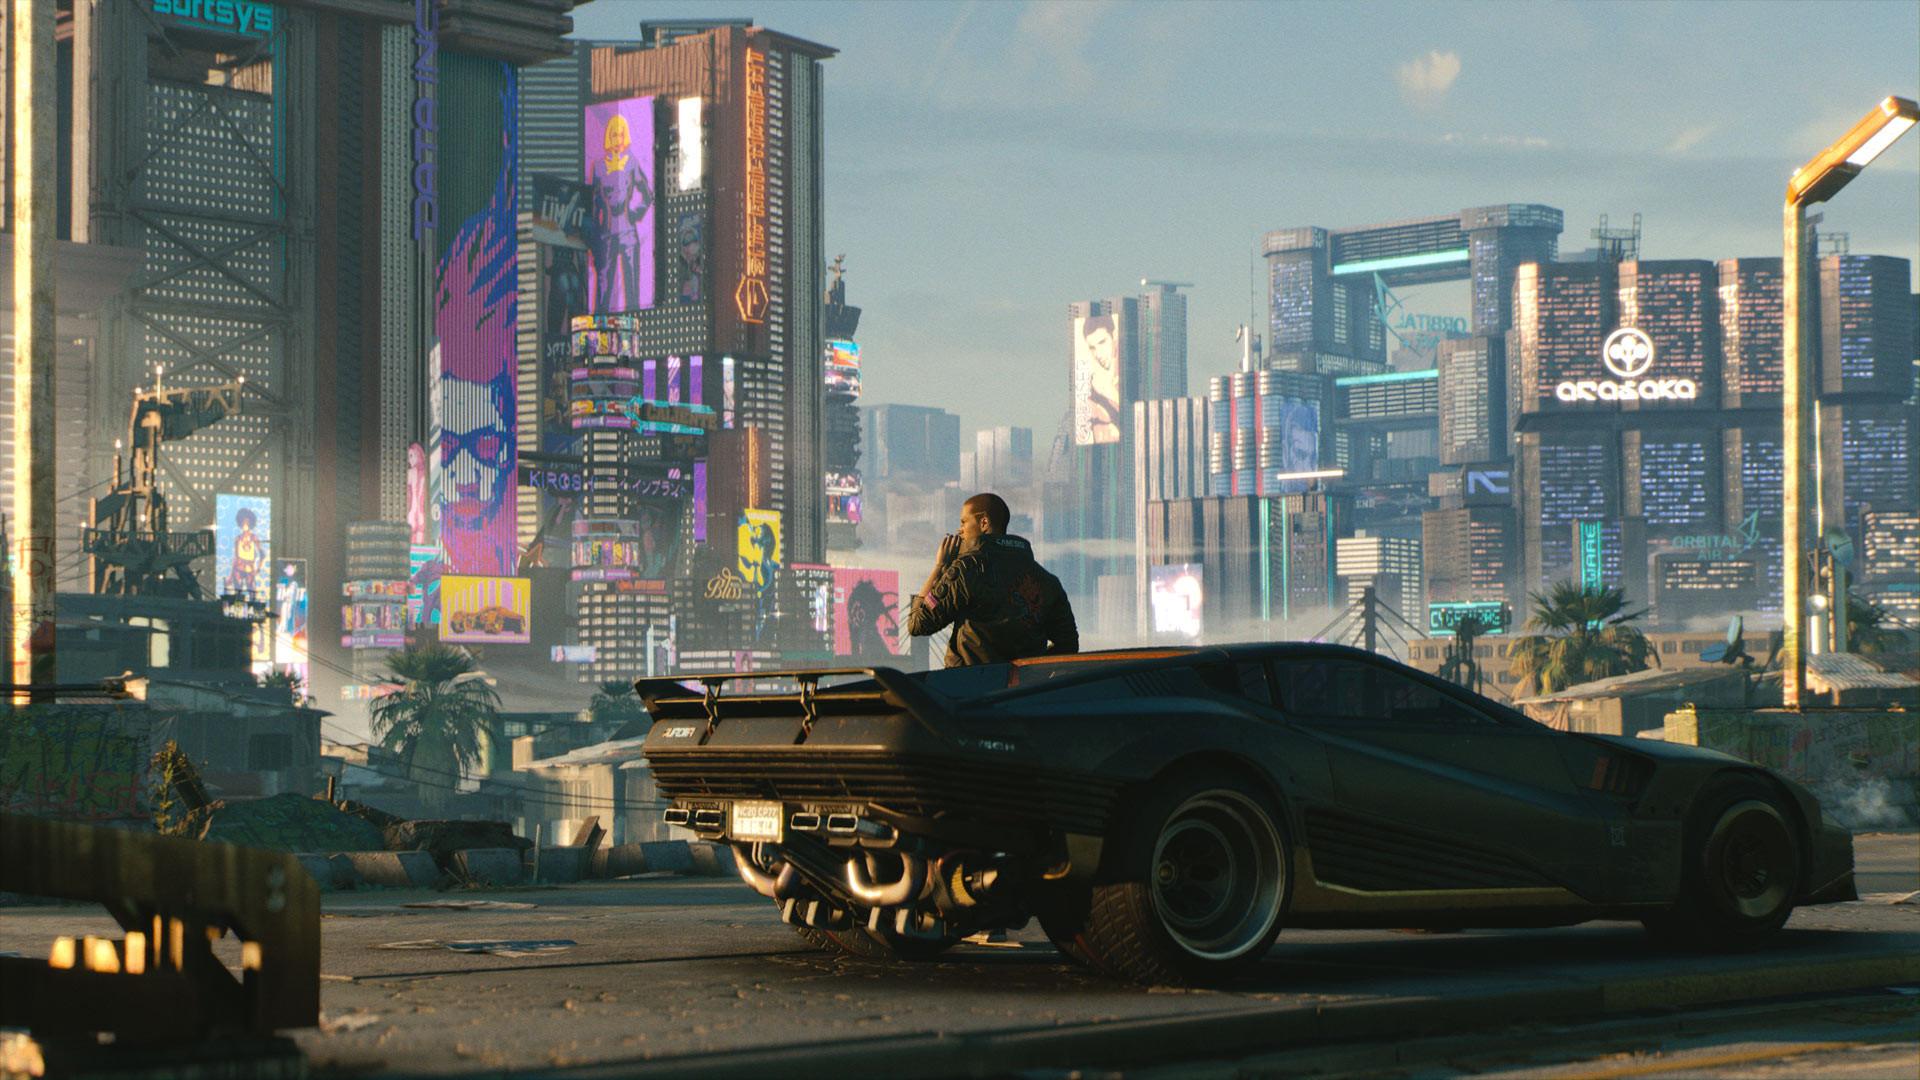 В Cyberpunk 2077 можно призвать свой транспорт в любое время как Плотву в The Witcher 3